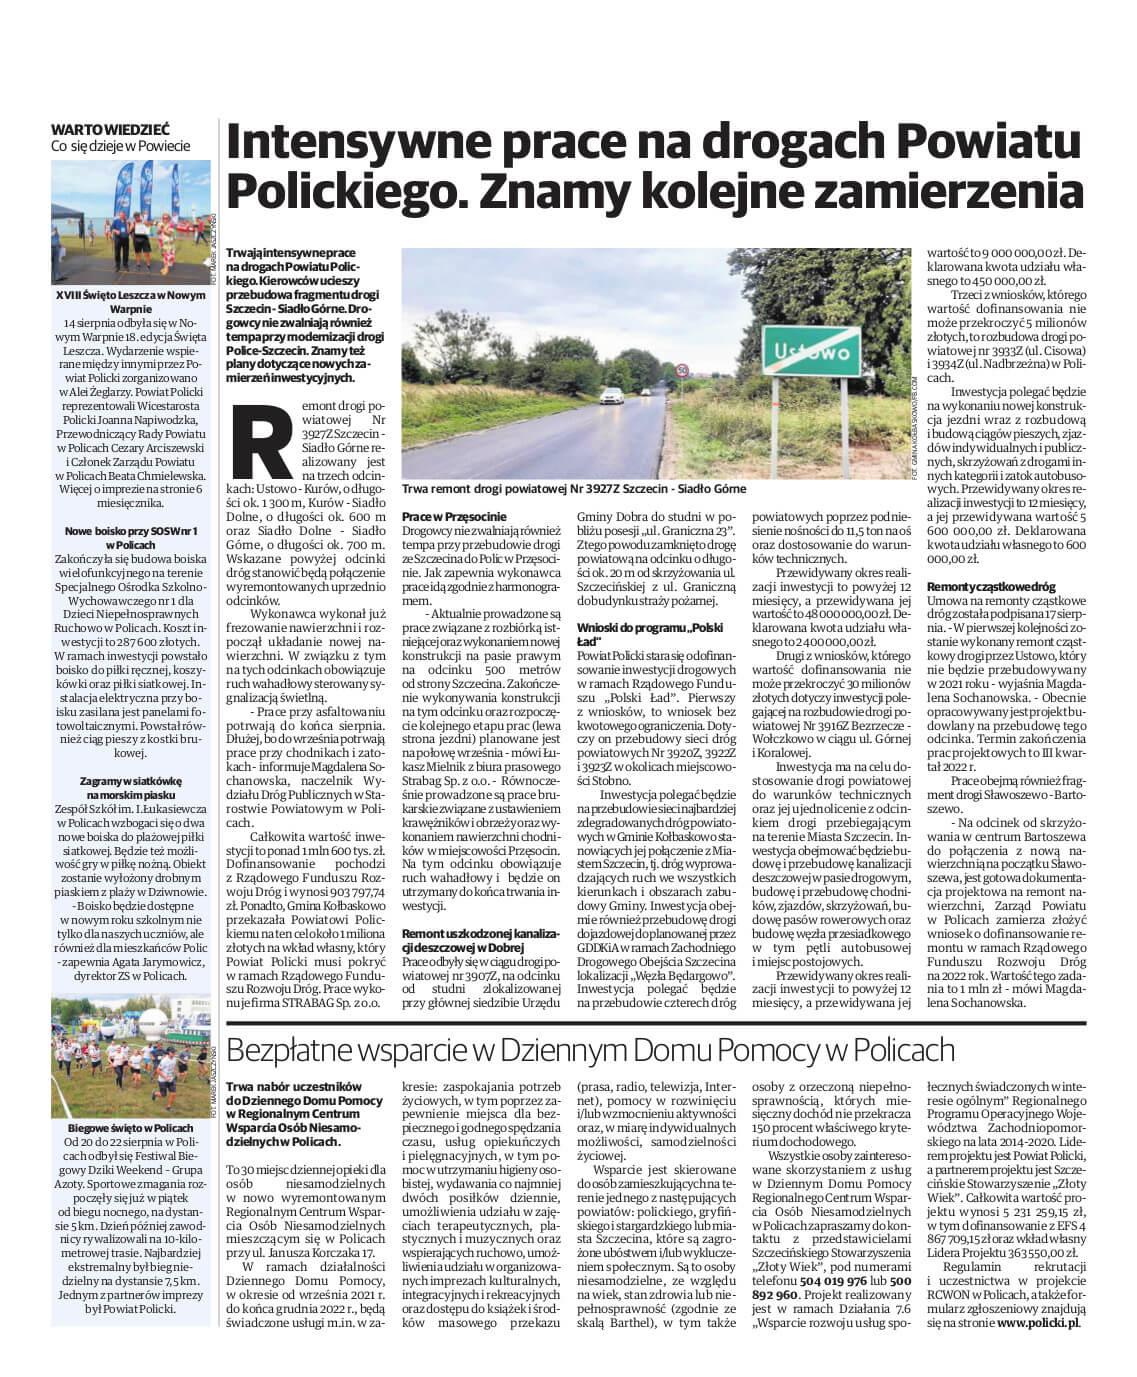 Strona promocyjna Powiatu Polickiego w Głosie Polic